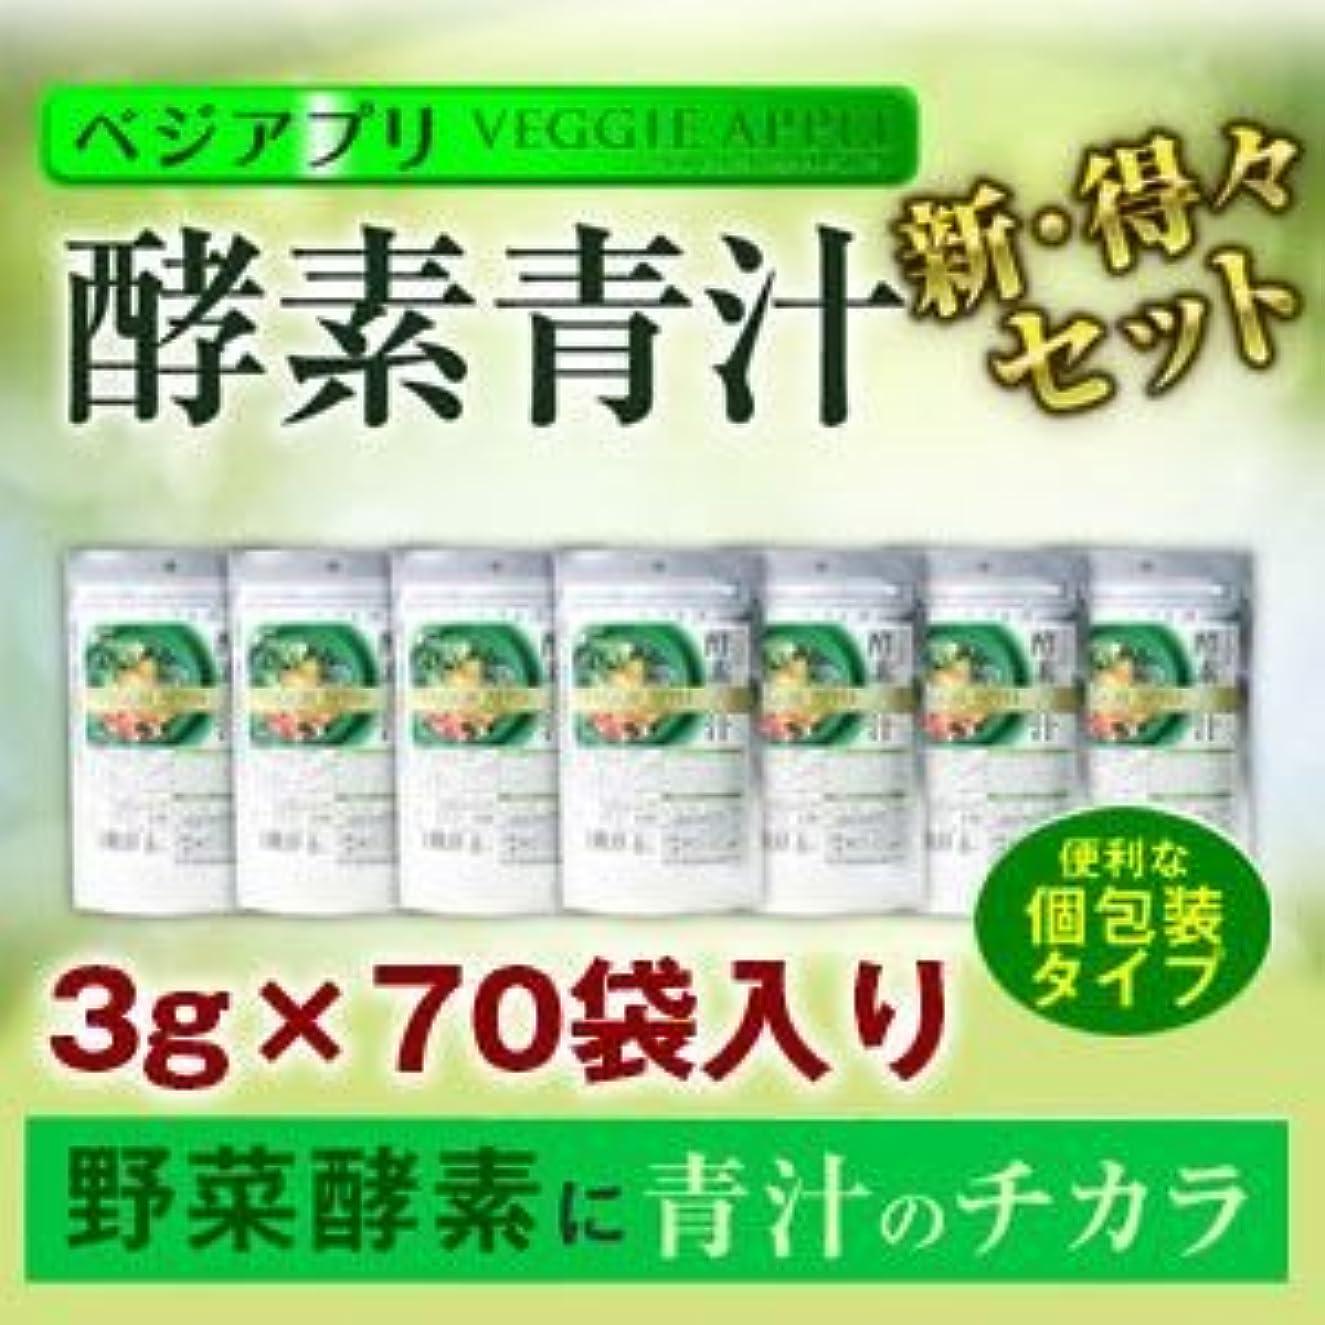 名目上のお茶チェリーベジアプリ 酵素青汁 得々セット70袋入り(置き換えダイエット酵素ドリンク)